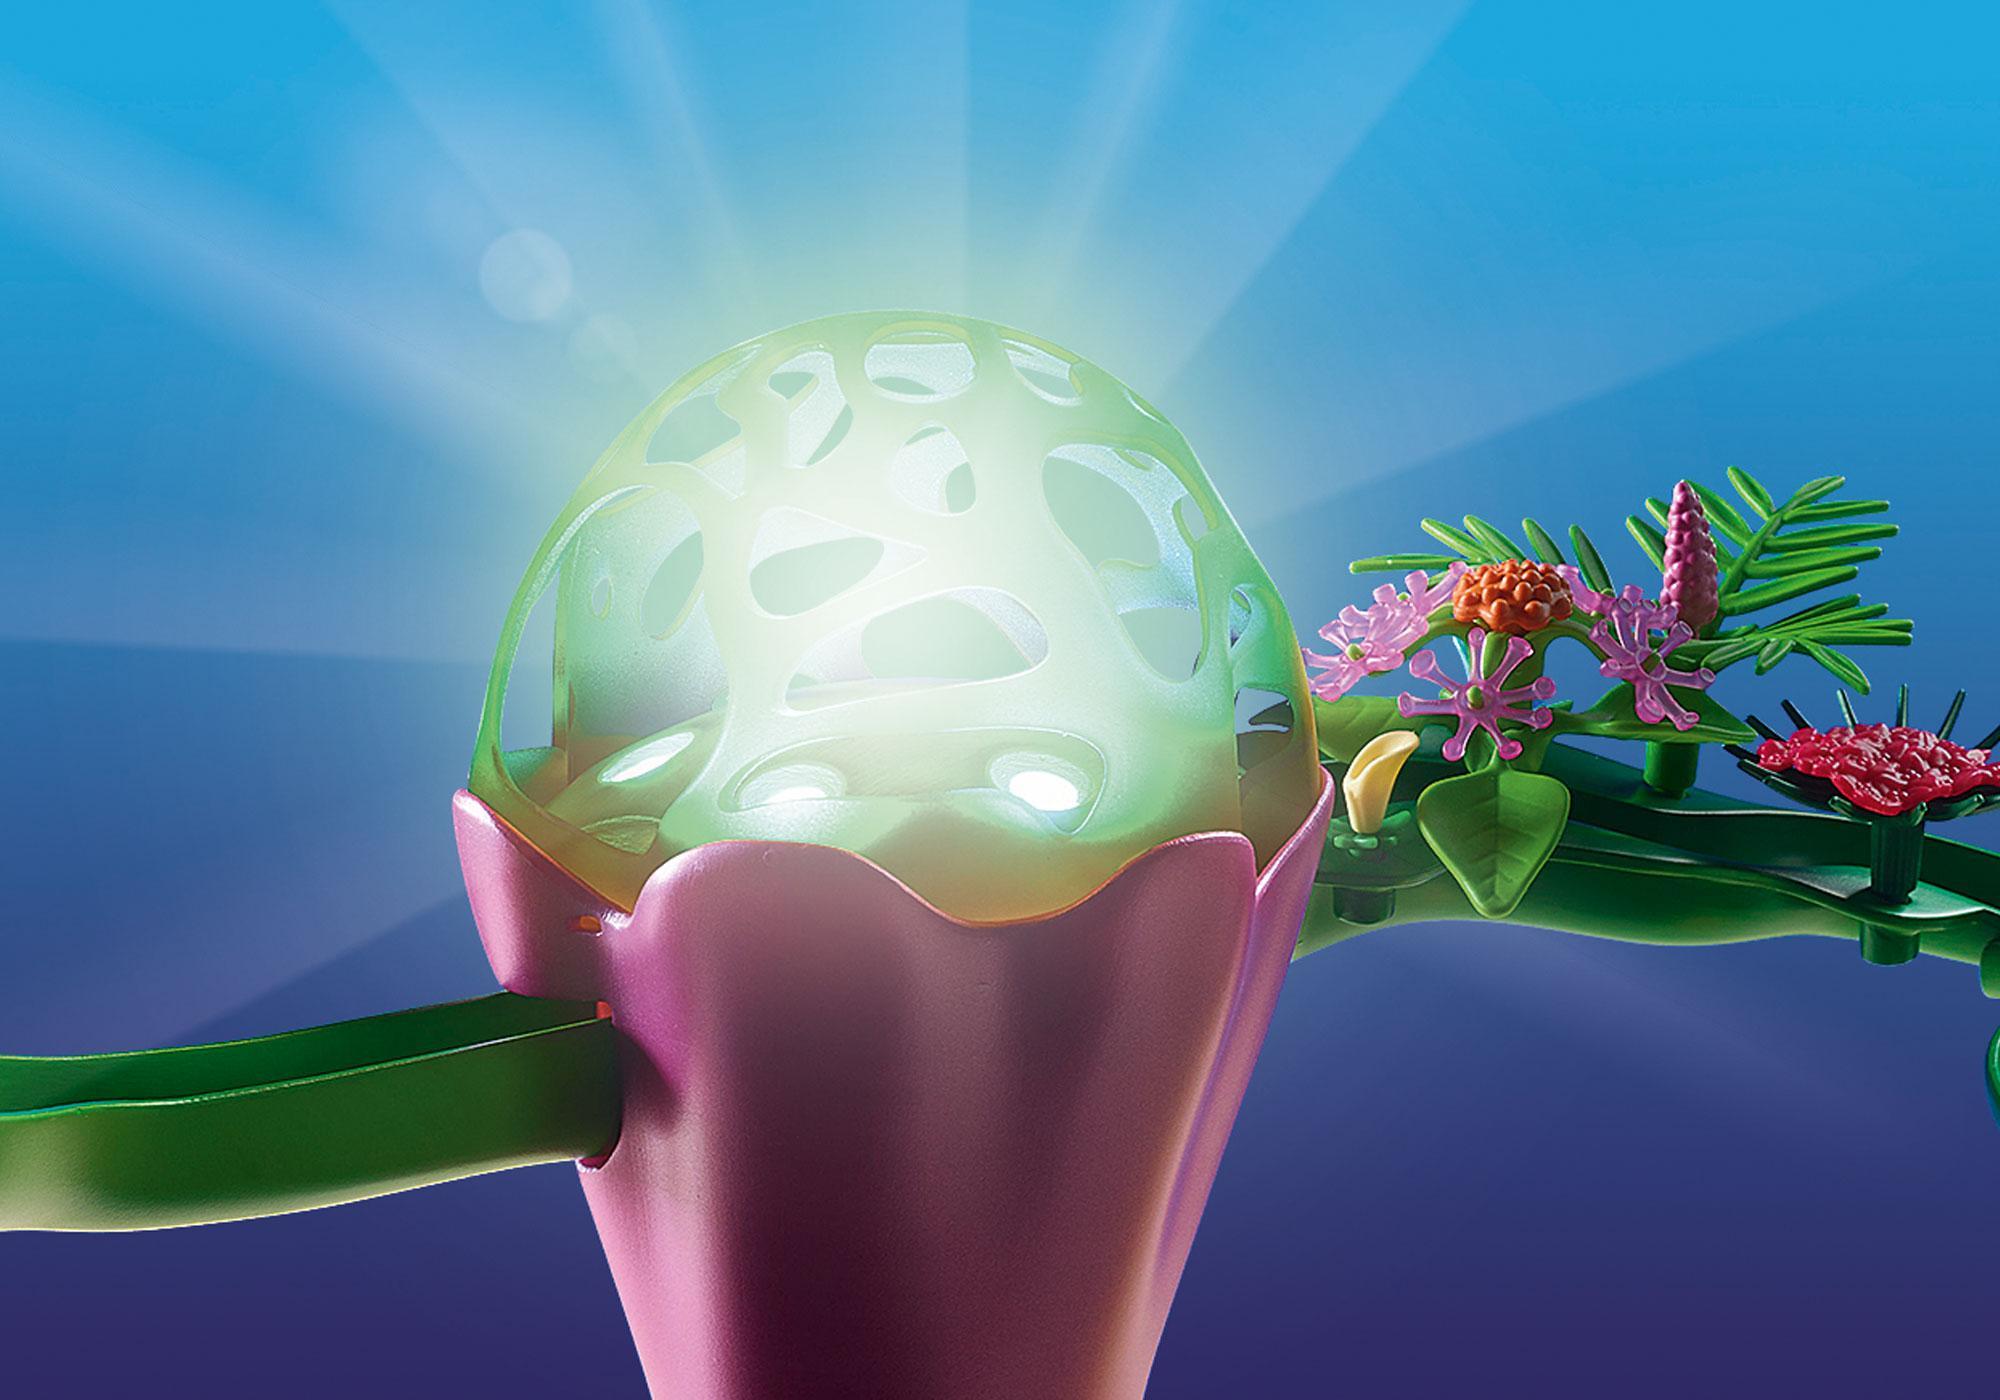 http://media.playmobil.com/i/playmobil/70094_product_extra3/Koraalpaviljoen met lichtkoepel